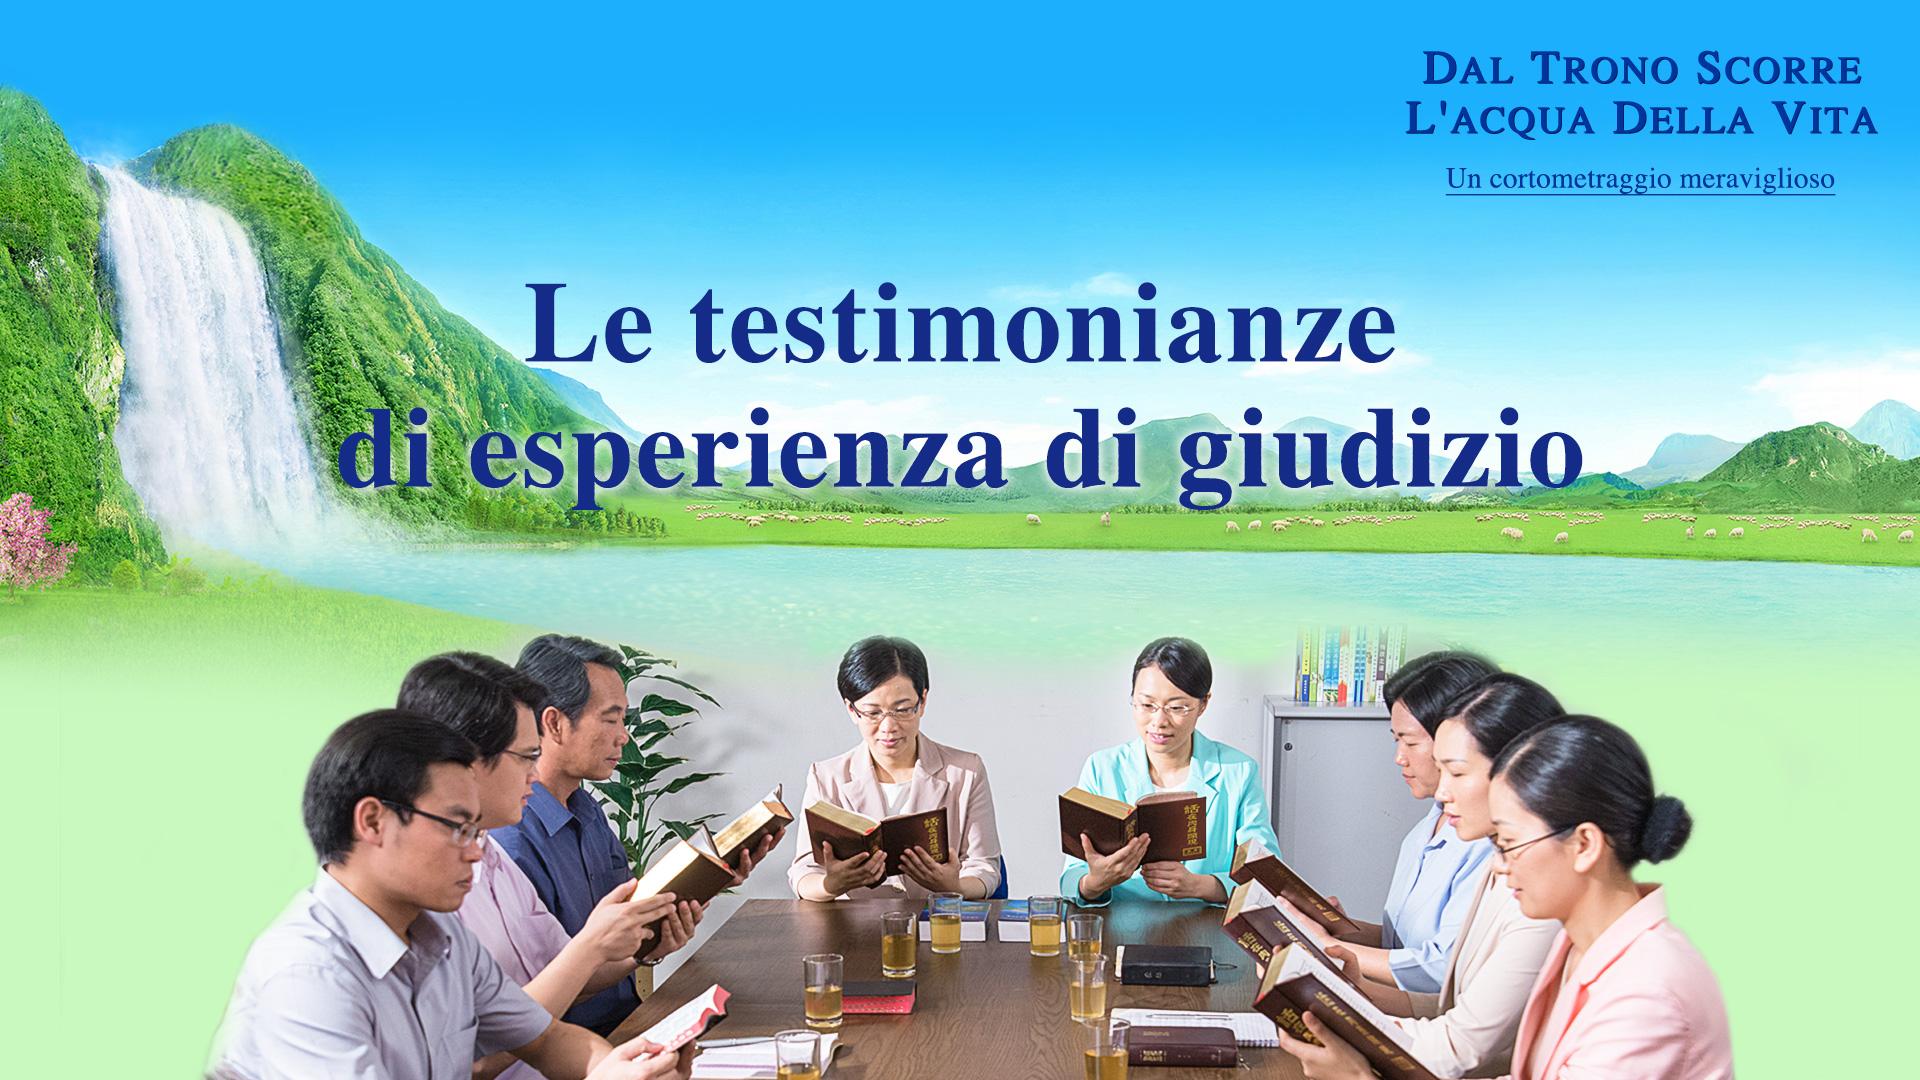 Dal Trono Scorre L'acqua Della Vita - La testimonianza di esperienza di giudizio | Lodare Dio Onnipotente